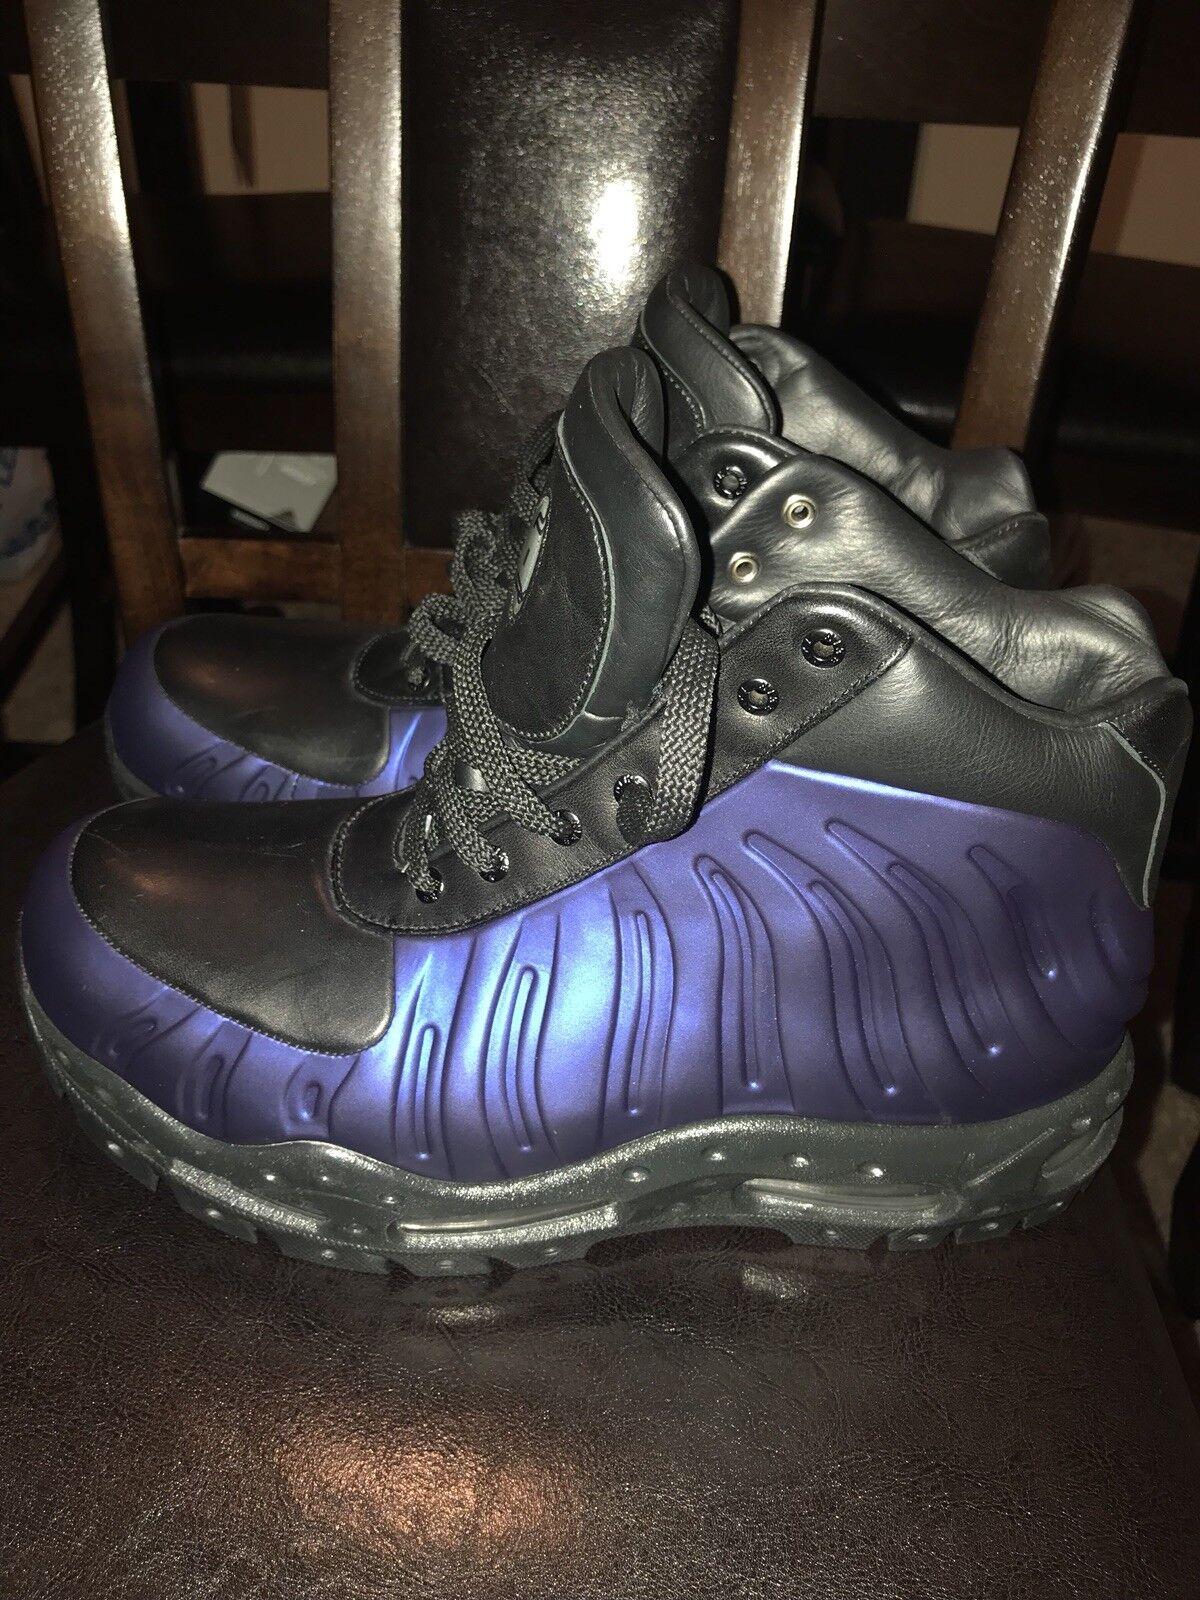 nike nike nike mens air max foamdome boots eggplant size 9 bd5d45